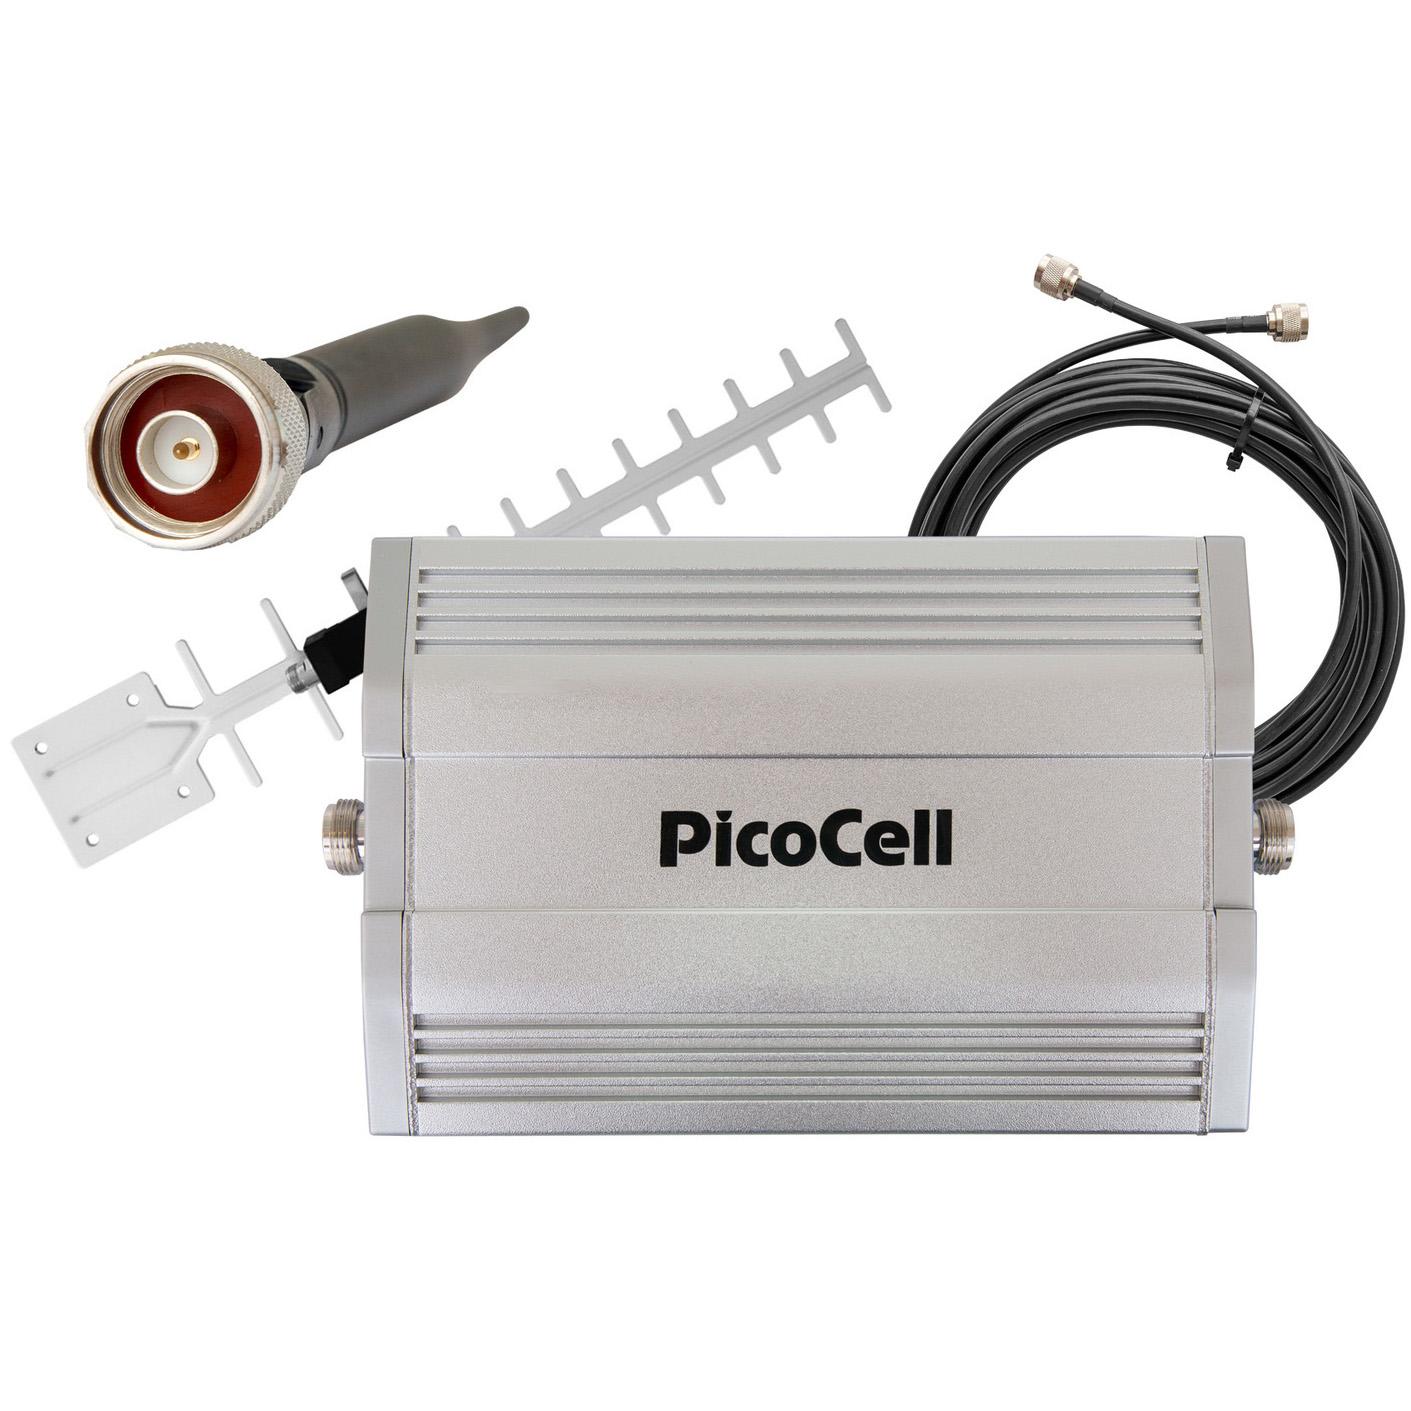 Комплект PicoCell 2000 SXB+ (LITE 2) (+ Кронштейн в подарок!) репитер picocell 2000 sxb